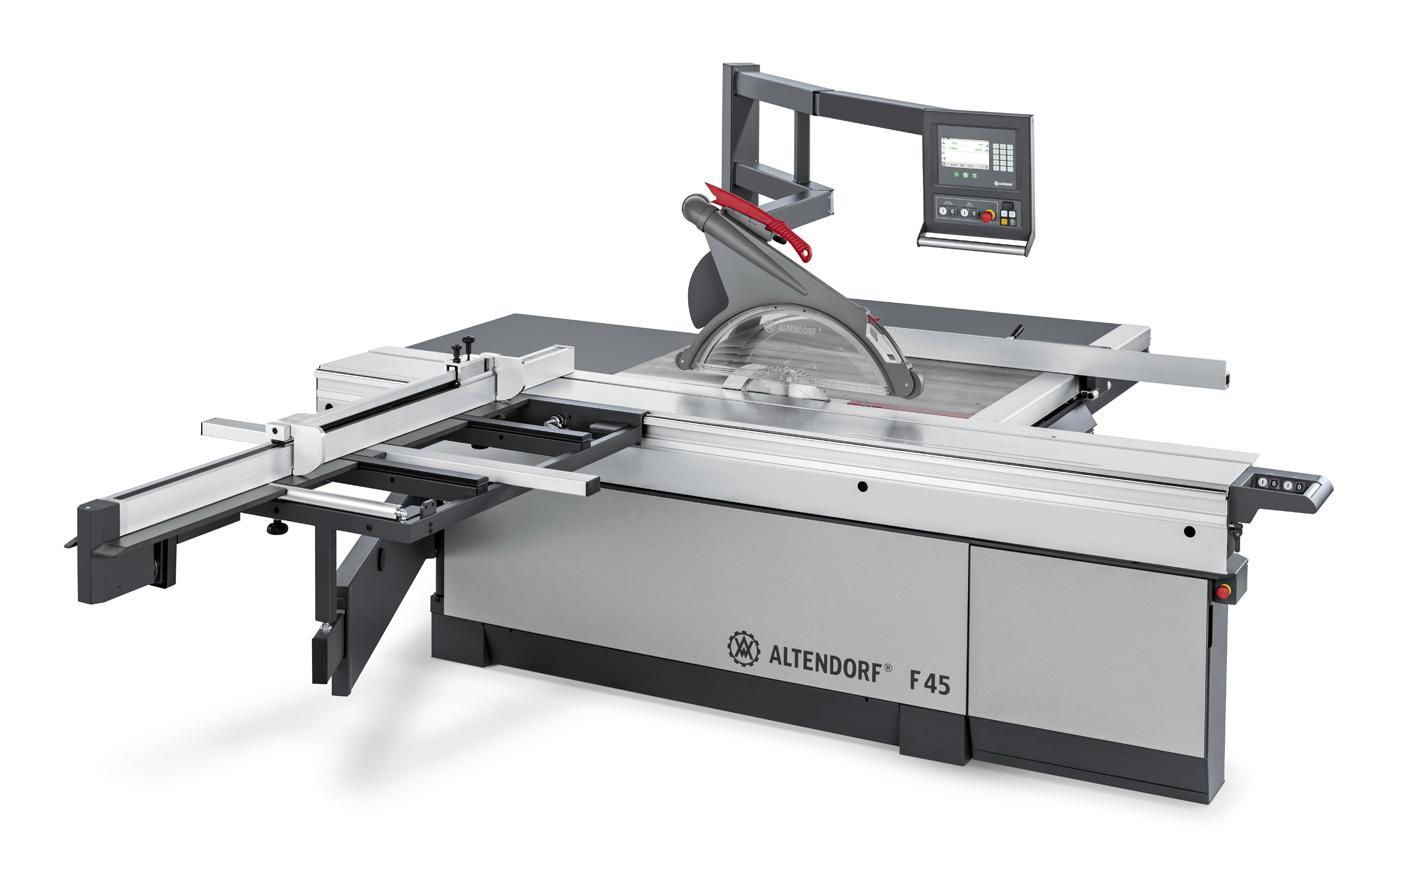 ALTENDORF le ayuda en el corte de materiales pesados y de gran formato